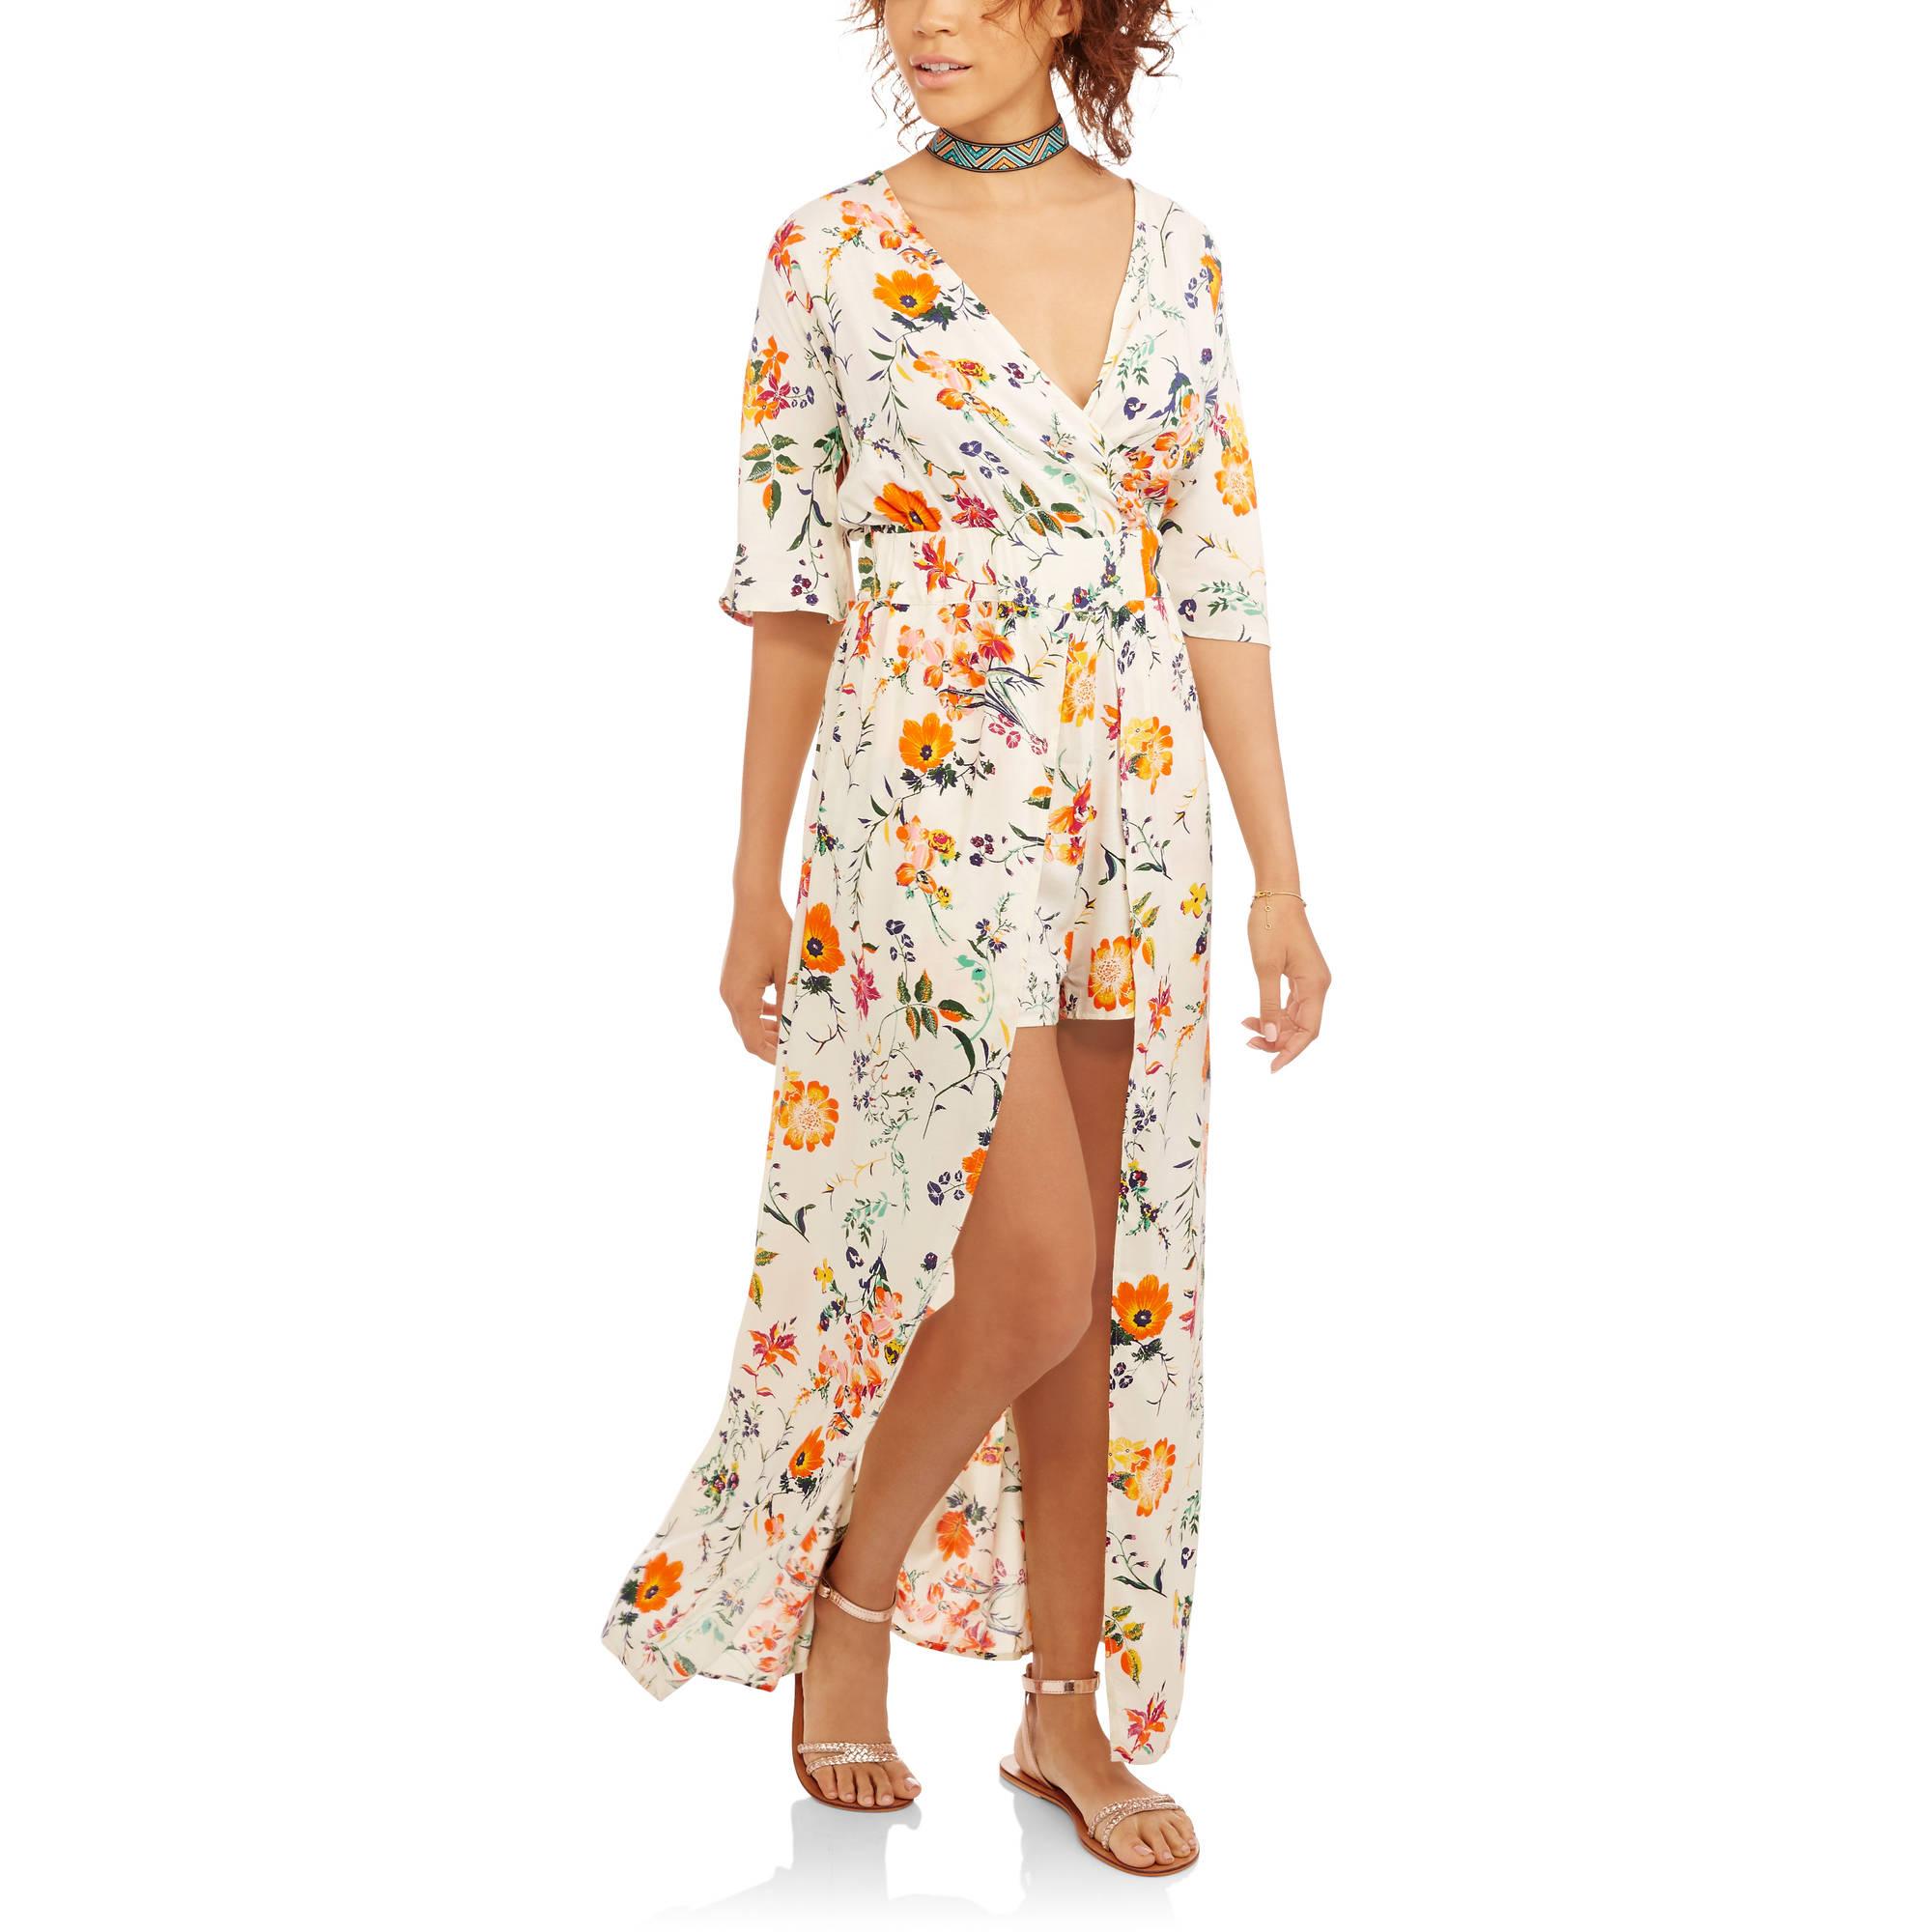 Juniors & Teen Dresses : Clothing - Walmart.com - Walmart.com